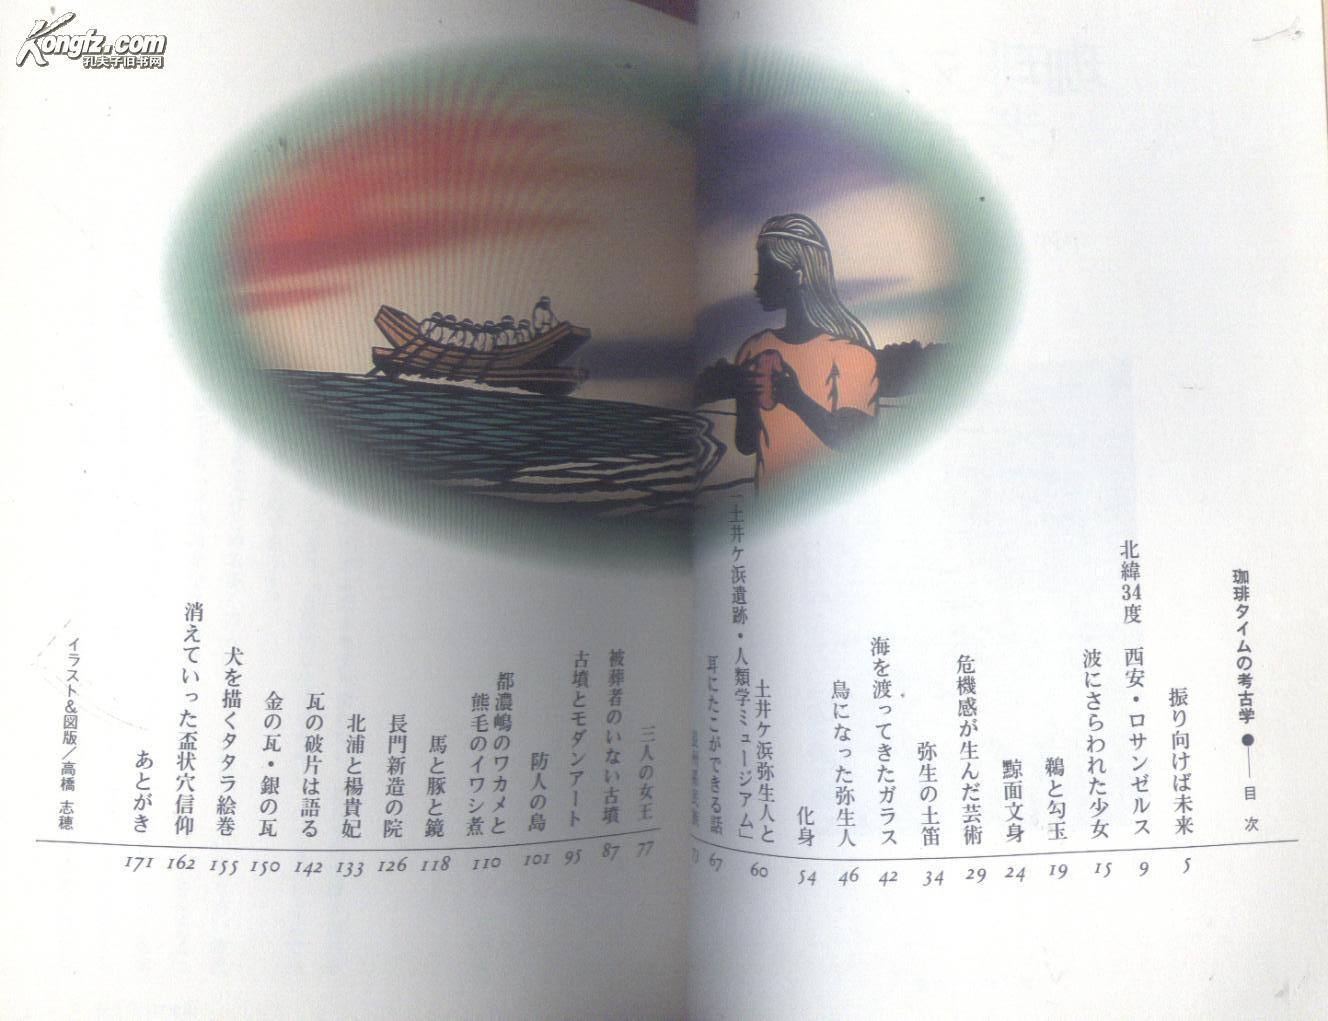 买满就送  考古学漫谈 其中有一篇 北浦与杨贵妃